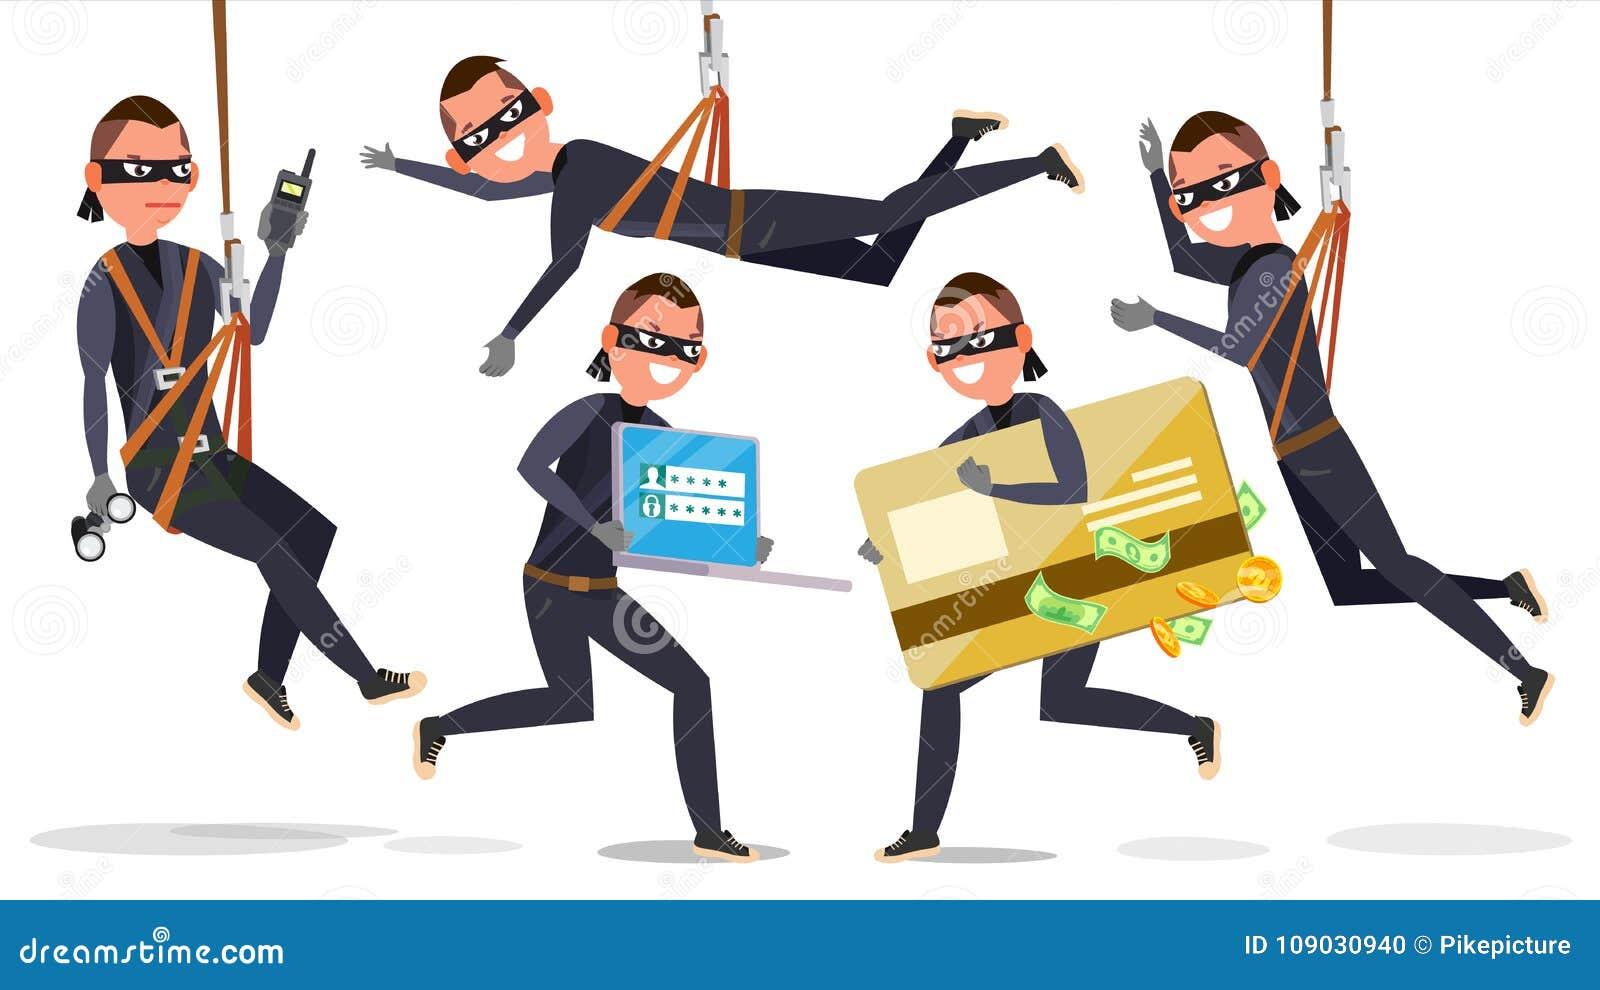 窃贼,黑客人集合传染媒介 窃取信用卡信息,个人数据,金钱 钓鱼攻击 平面